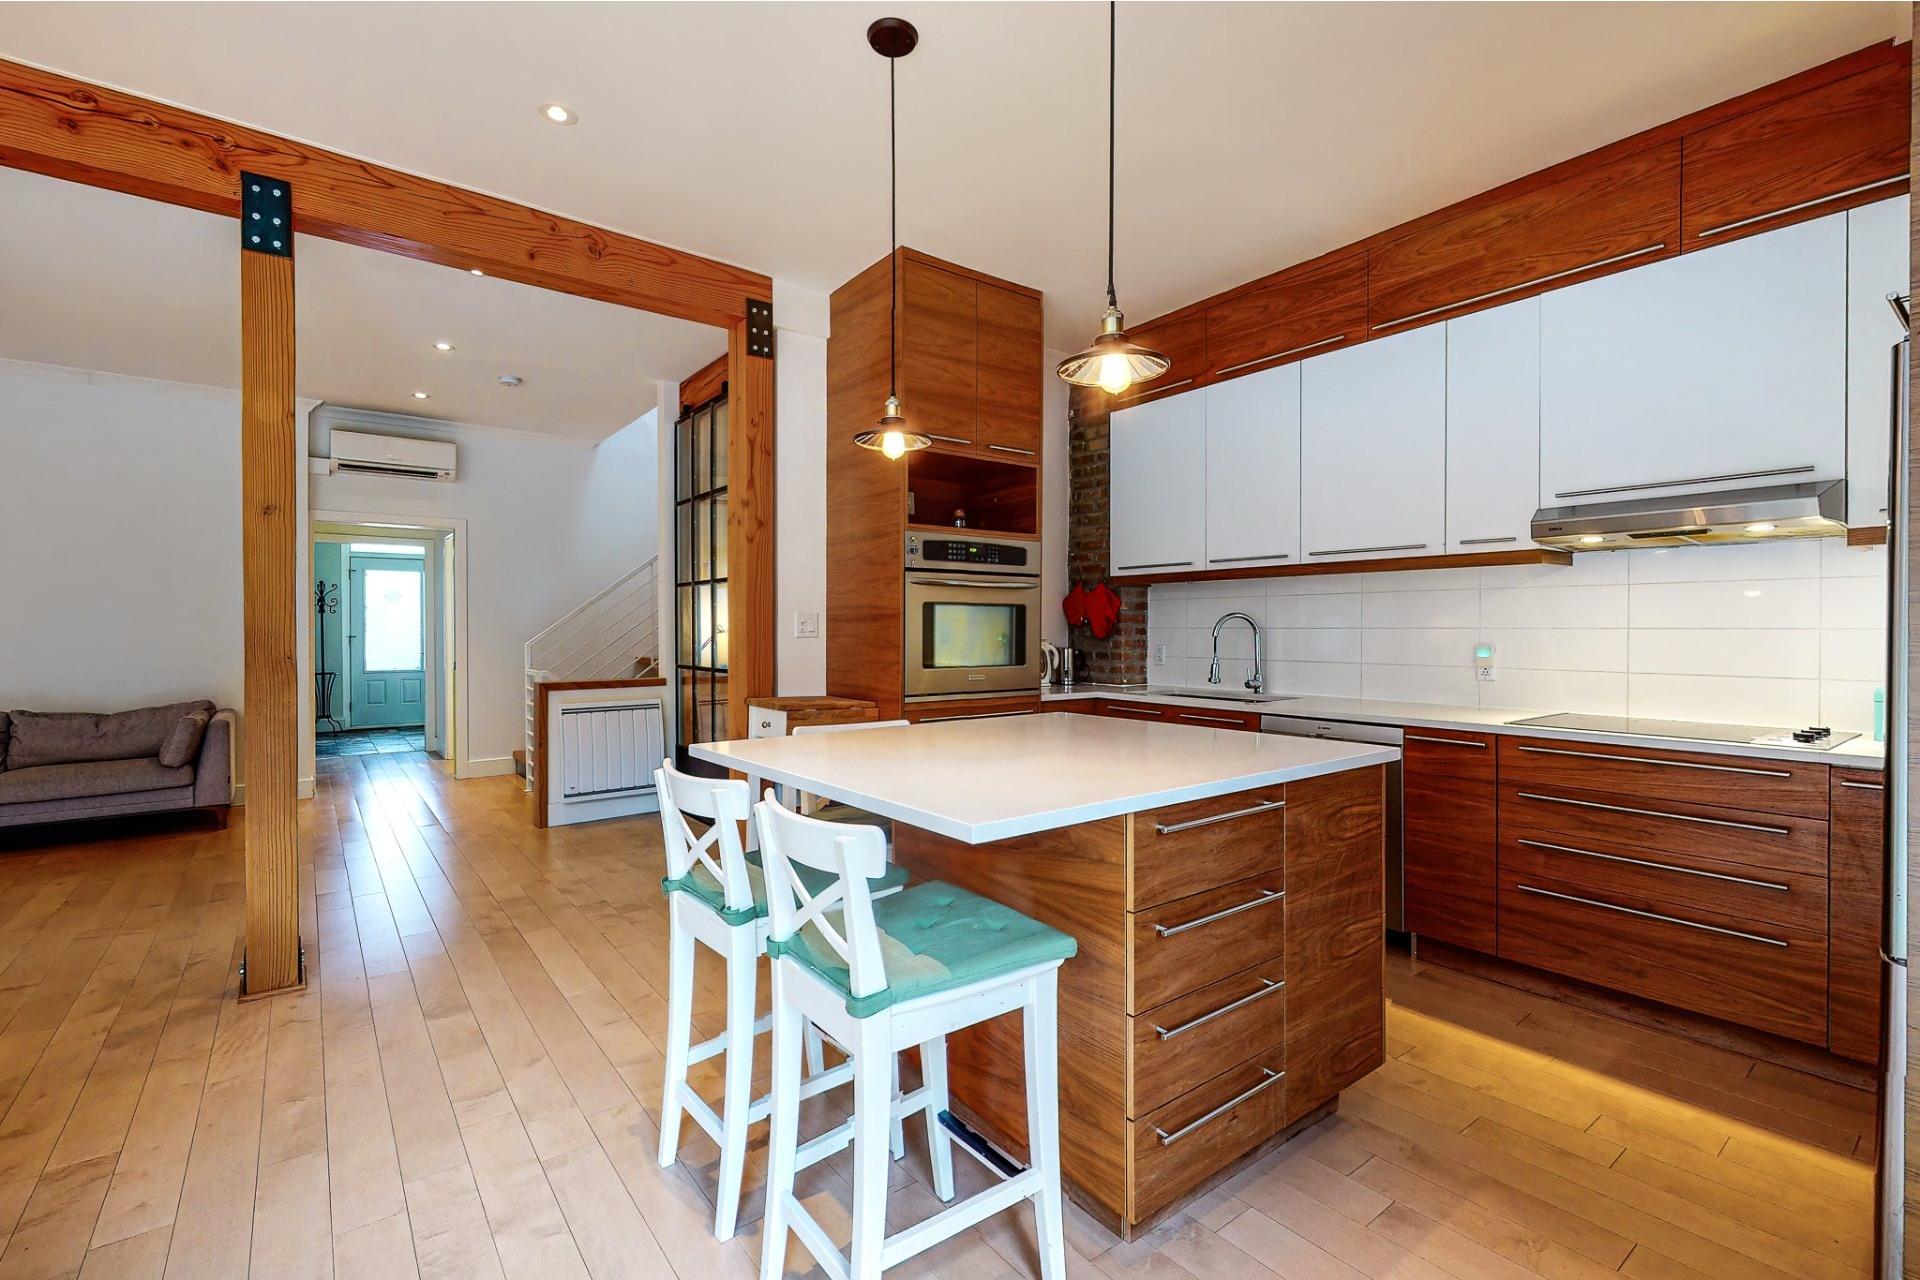 image 5 - Maison À vendre Le Plateau-Mont-Royal Montréal  - 10 pièces